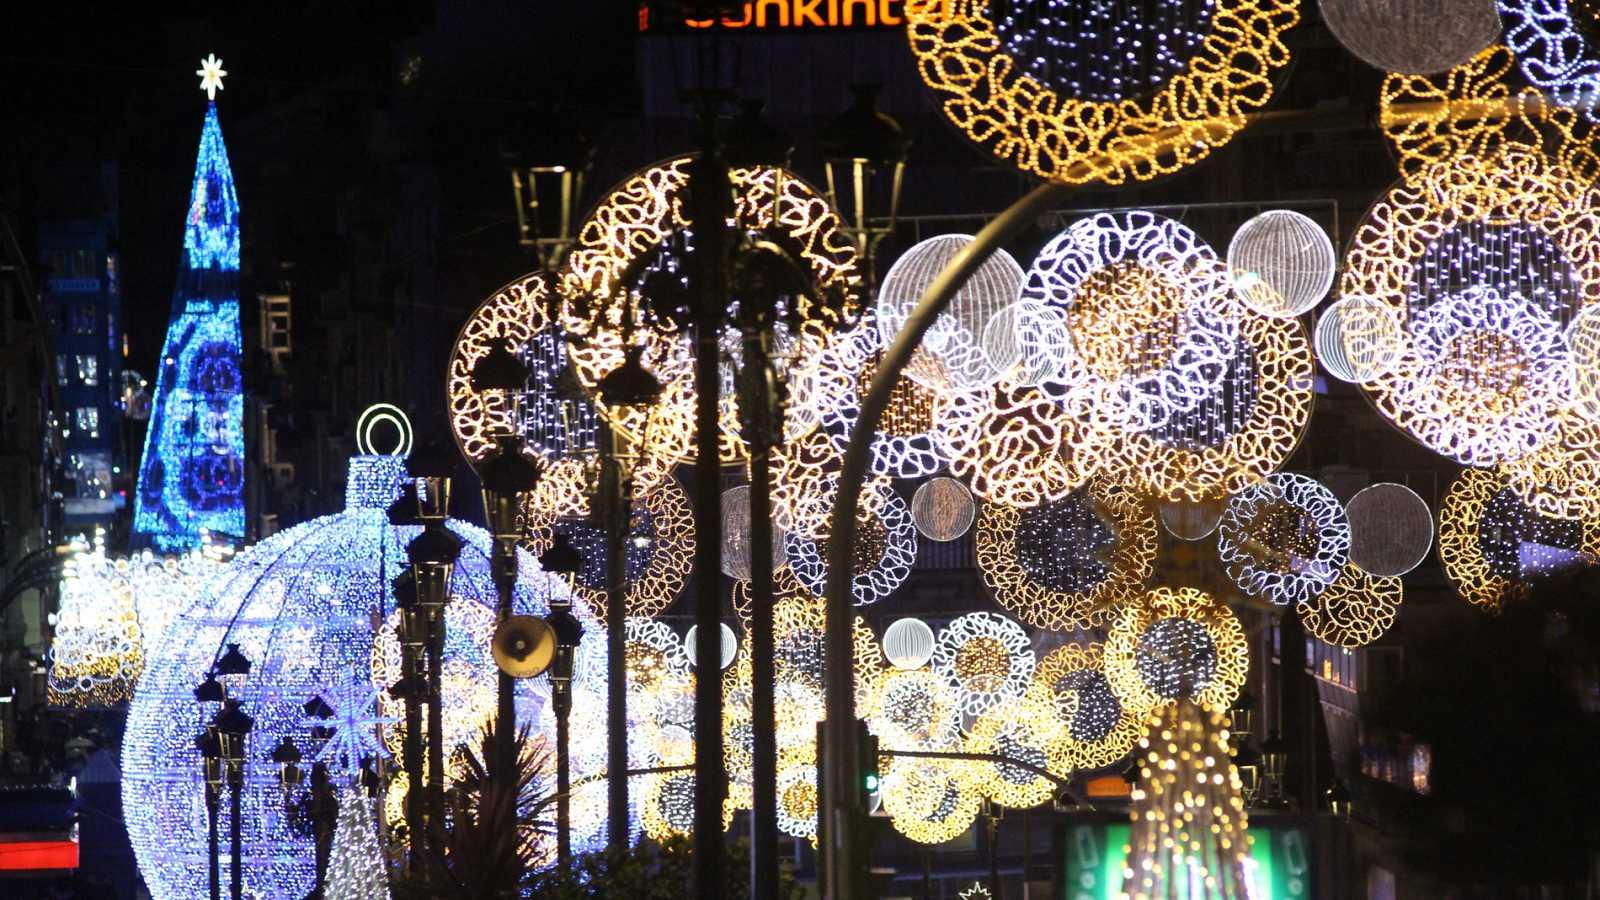 Resultado de imagen de Navidad en la noche